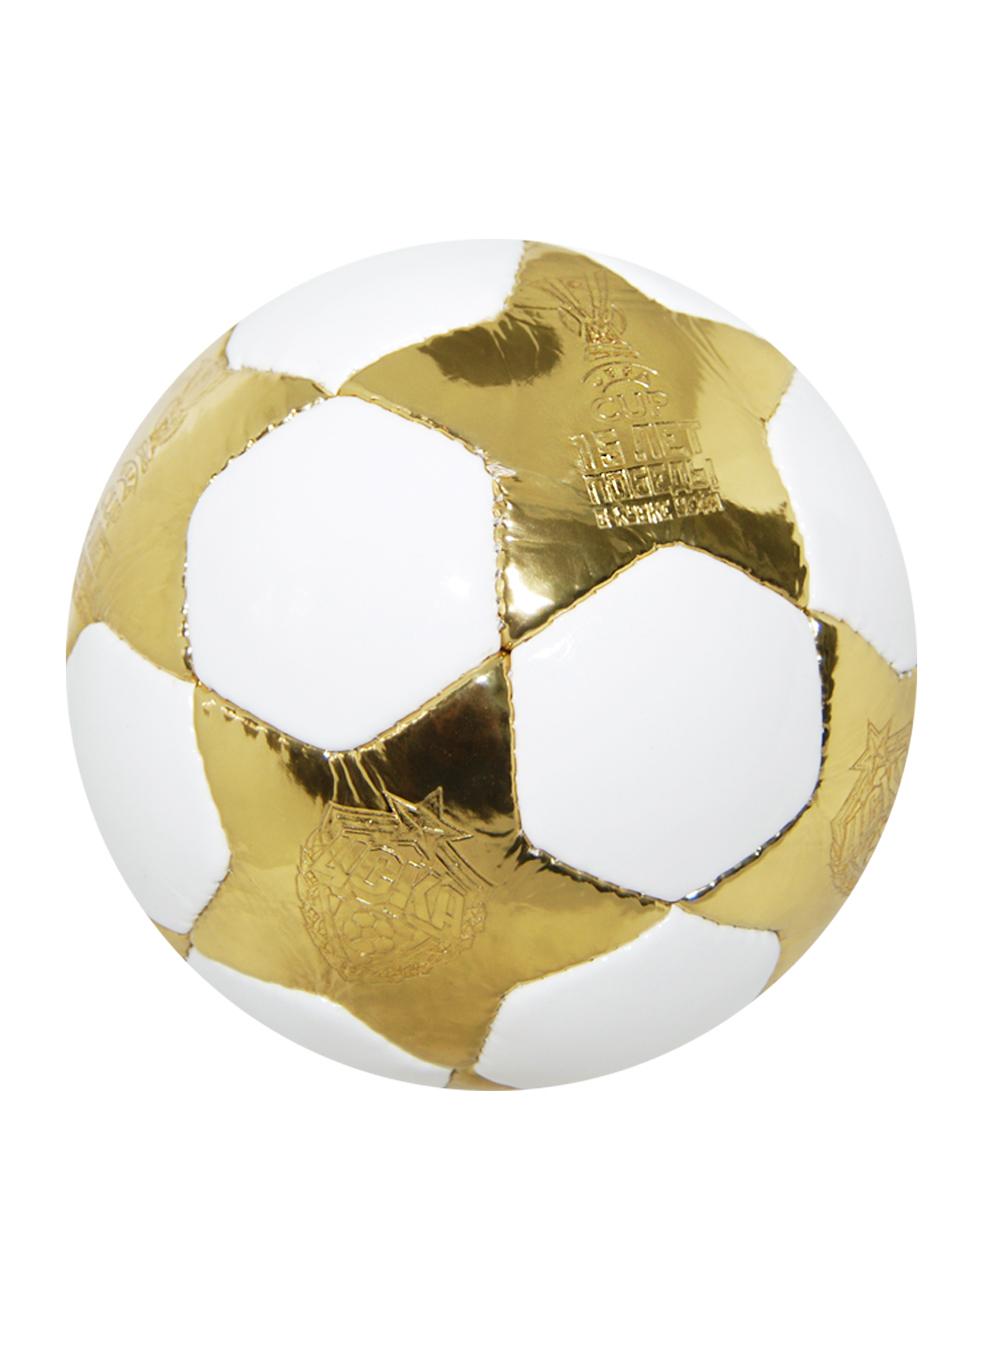 Мяч сувенирный ПФК ЦСКА - Обладатель Кубка УЕФА 2005, размер 5